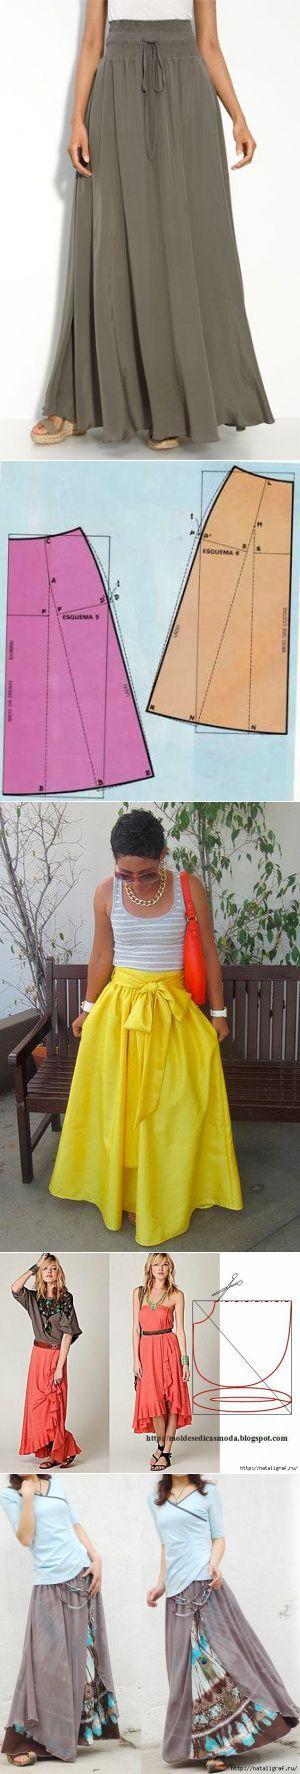 Длинная юбка шить легко и просто